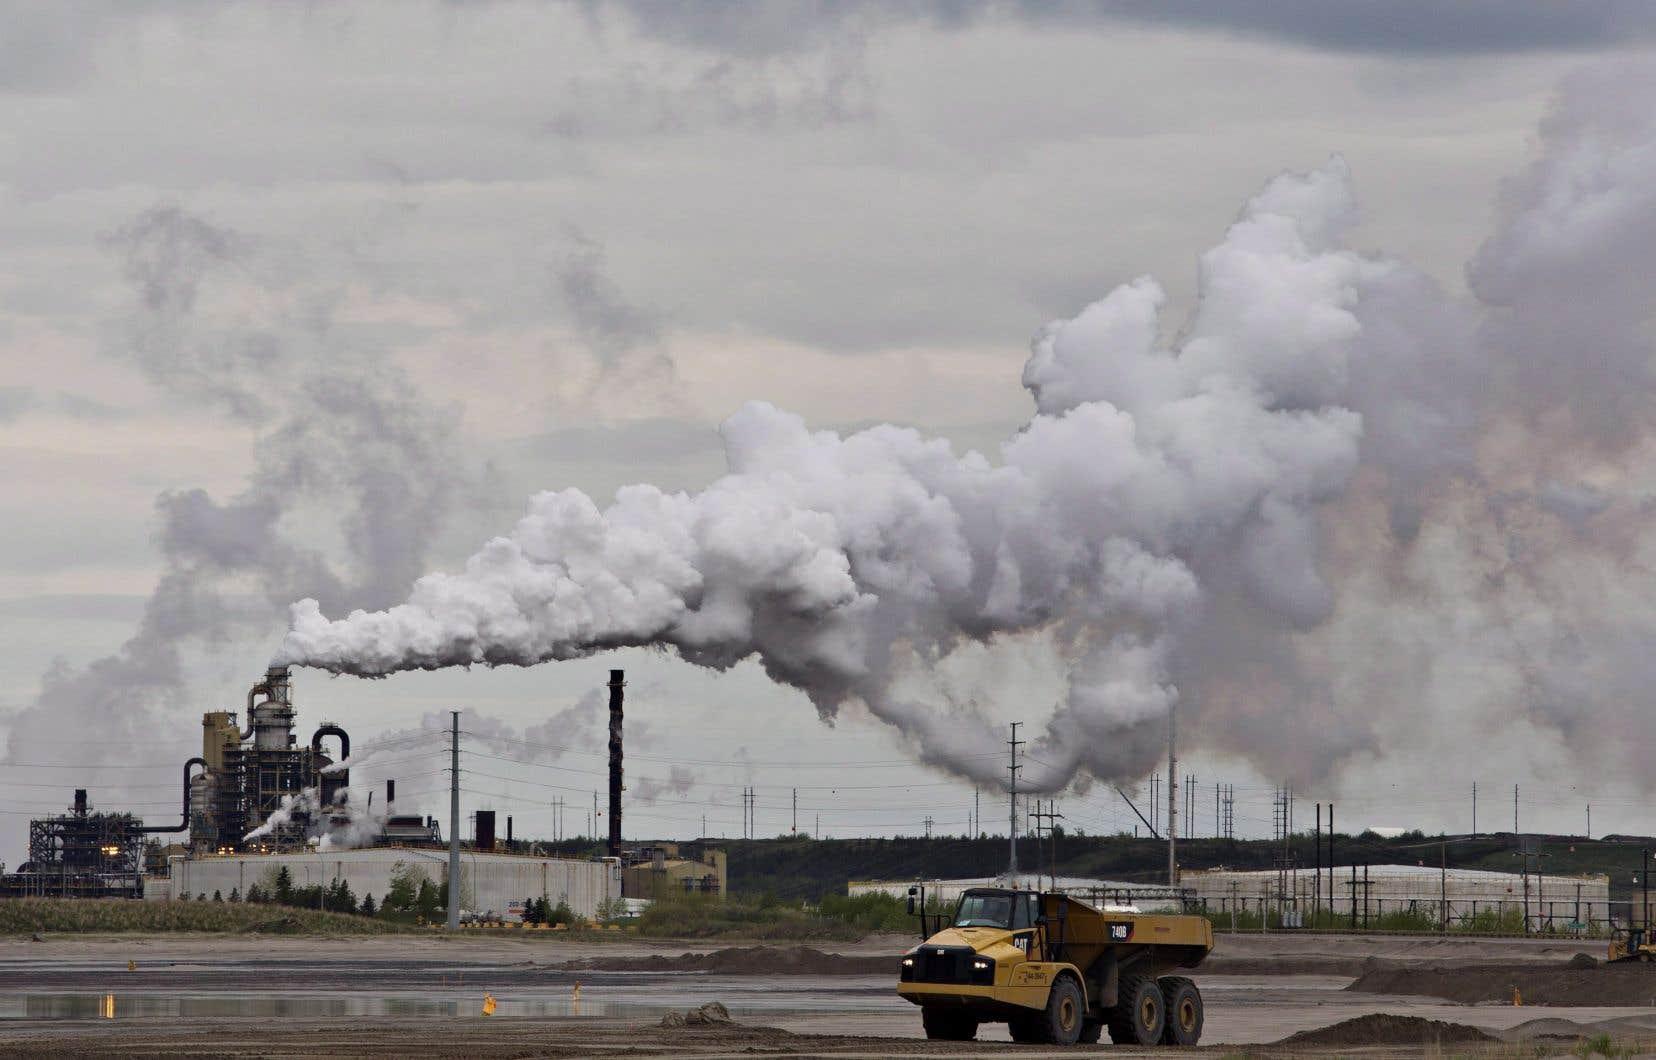 Après la baisse de cette année, les émissions de gaz à effet de serre devraient augmenter, notamment en raison de la reprise dans le secteur pétrolier.